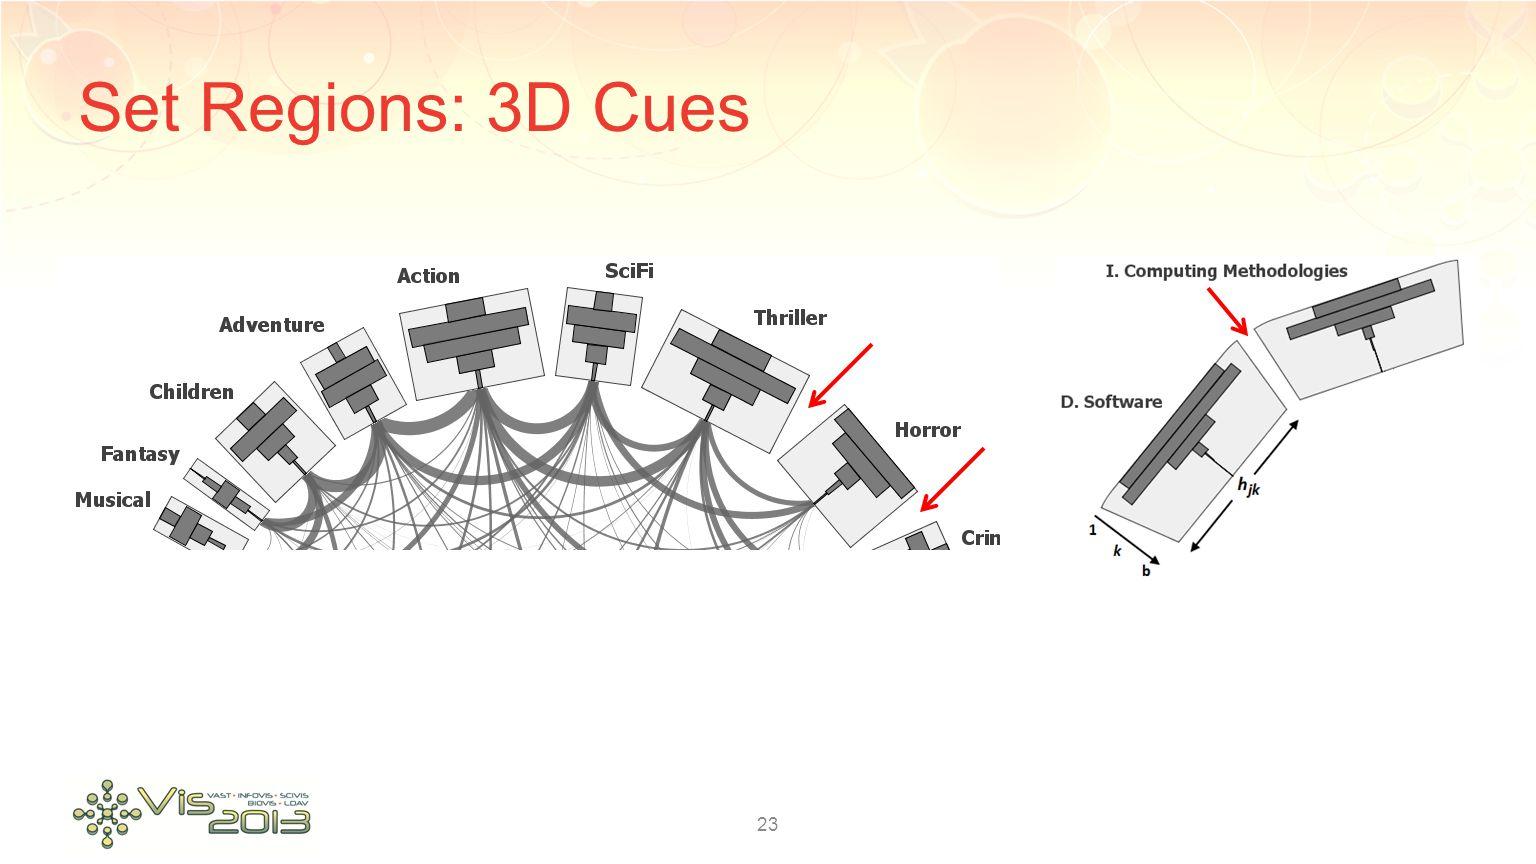 Set Regions: 3D Cues 23